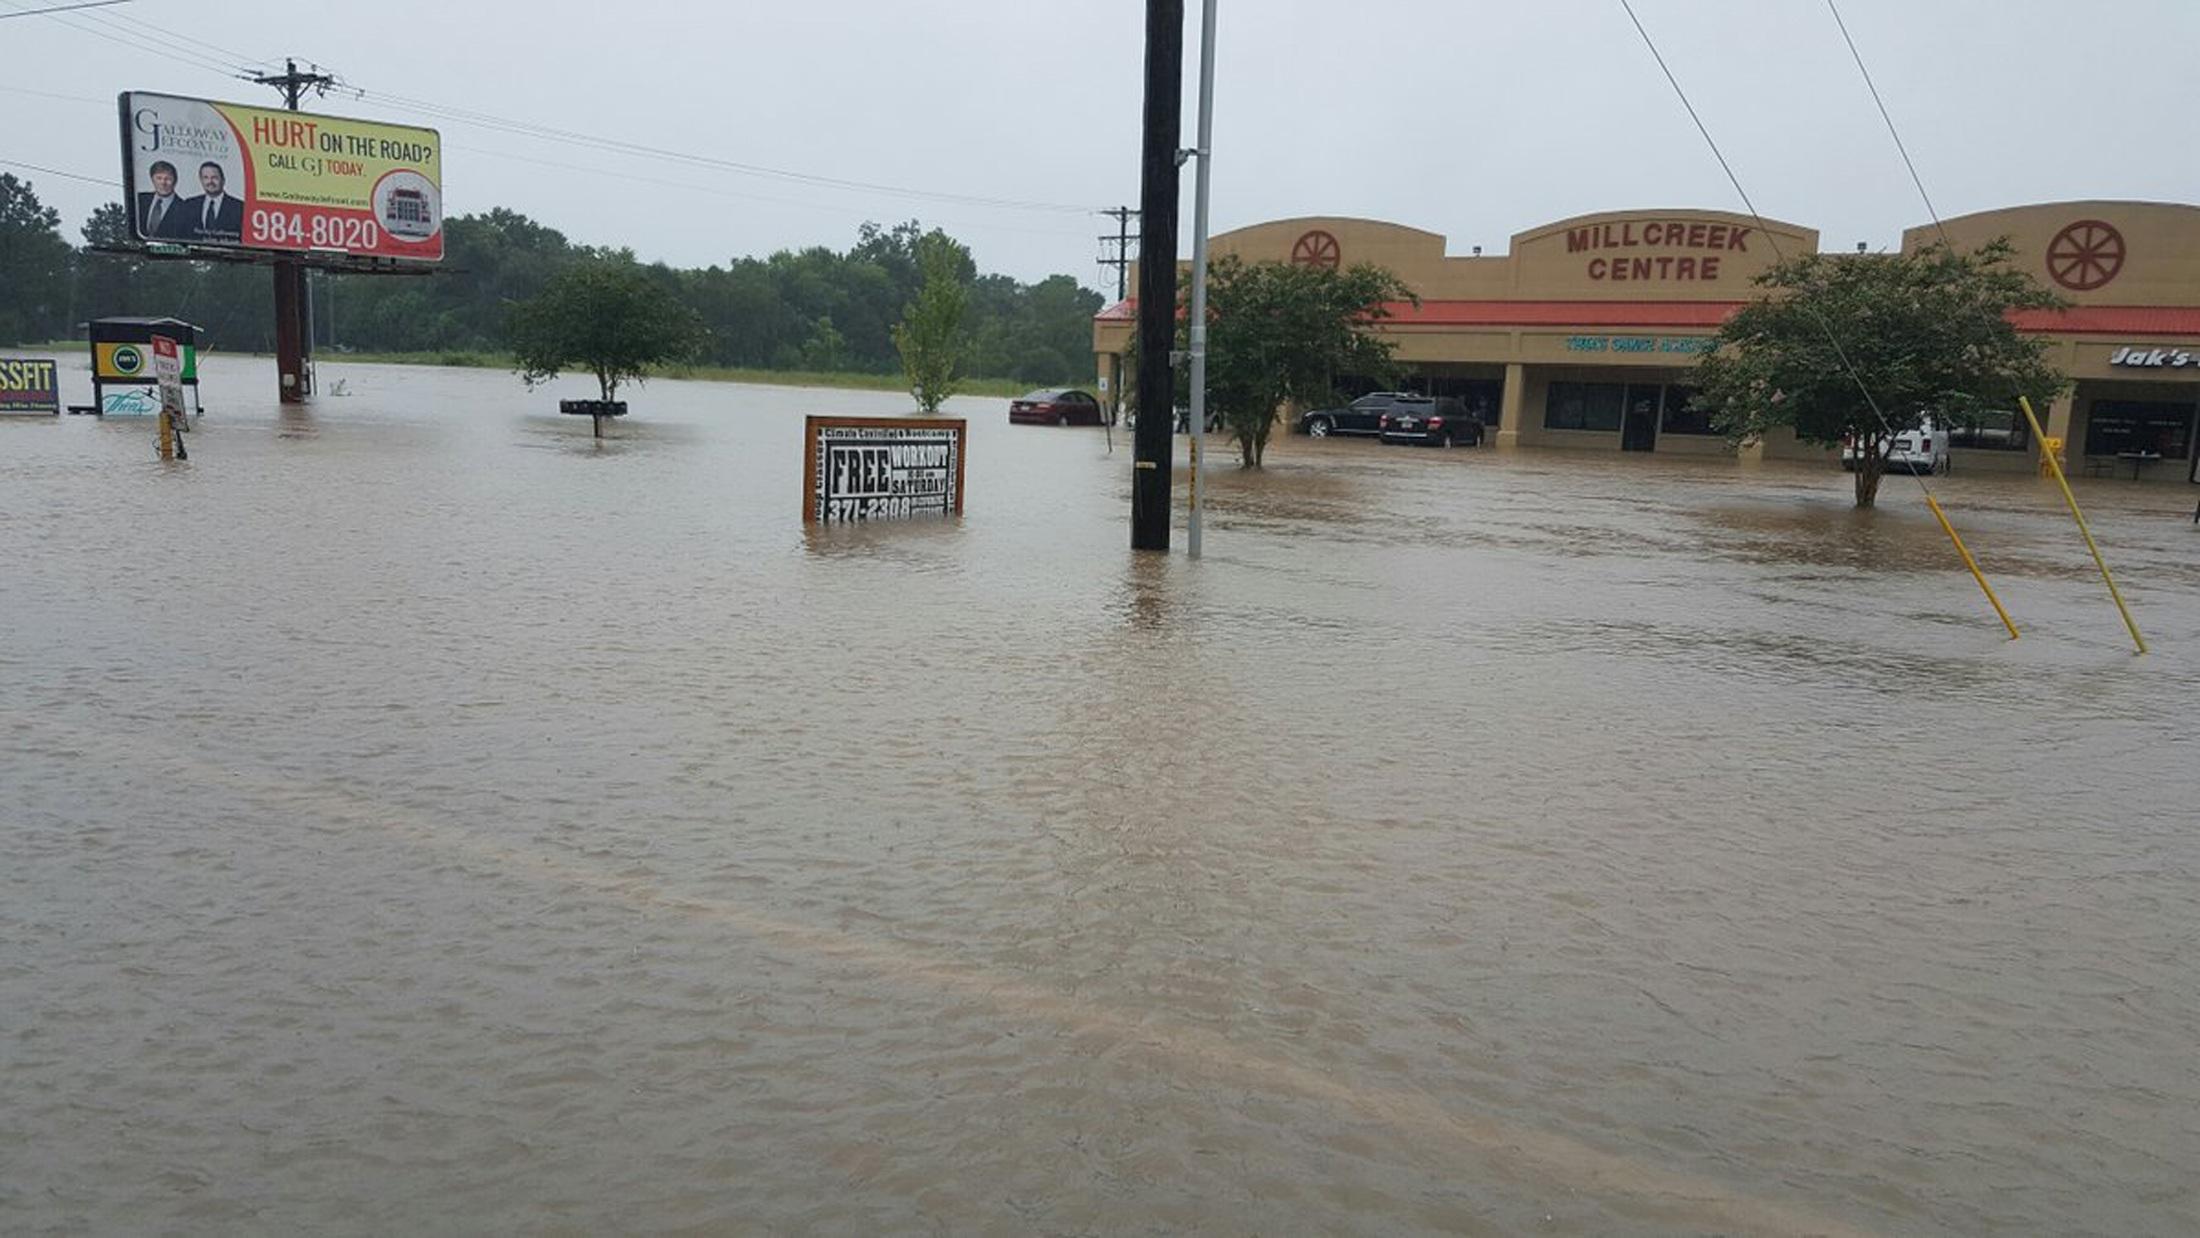 Các bang lân cận như bang Alabama và Mississippi cũng đang phải hứng chịu tình trạng thời tiết khắc nghiệt khi những cơn mưa lớn liên tục đổ xuống trong những ngày qua.